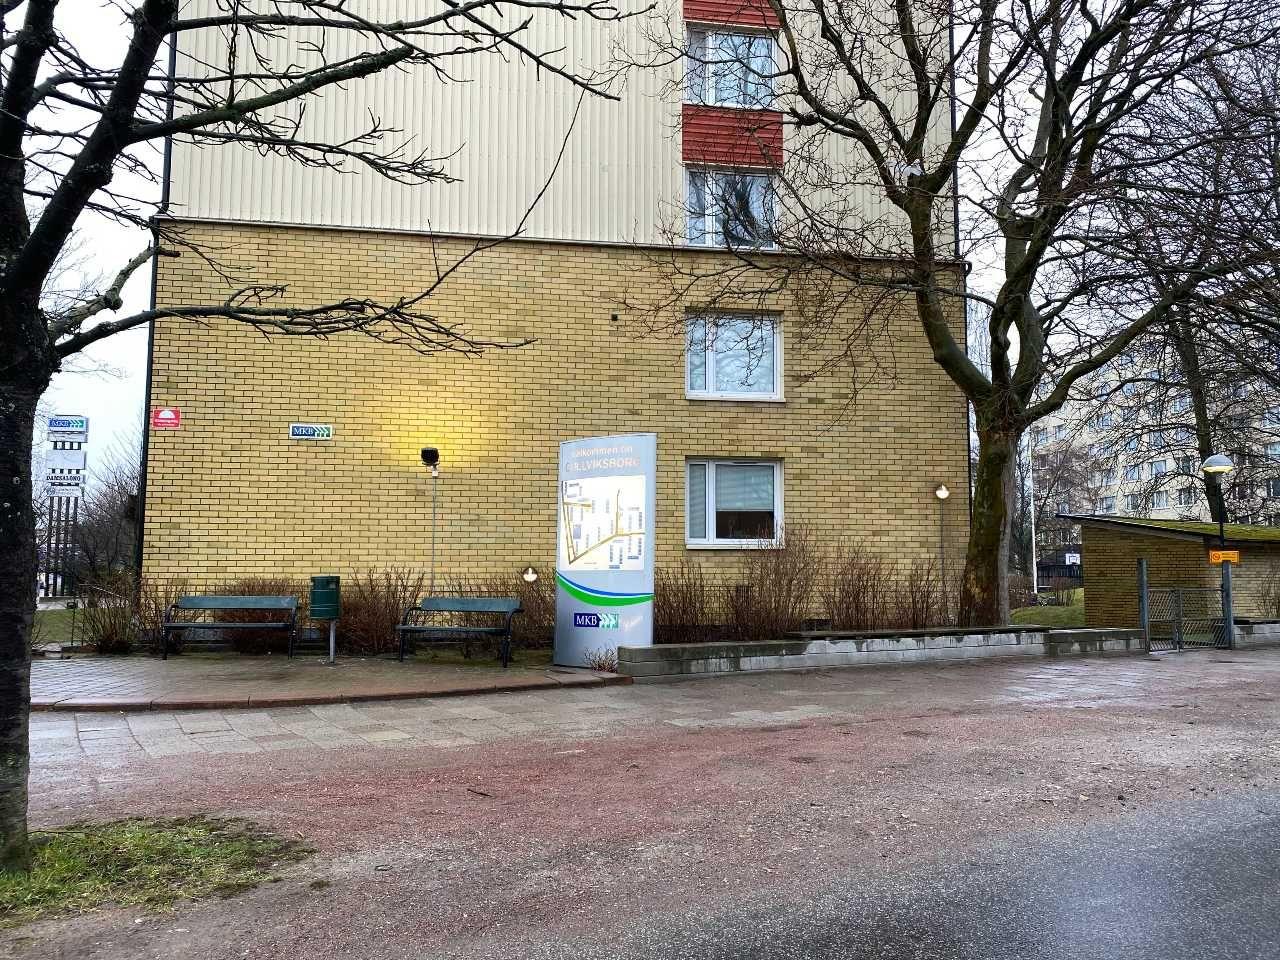 Gullviksborg